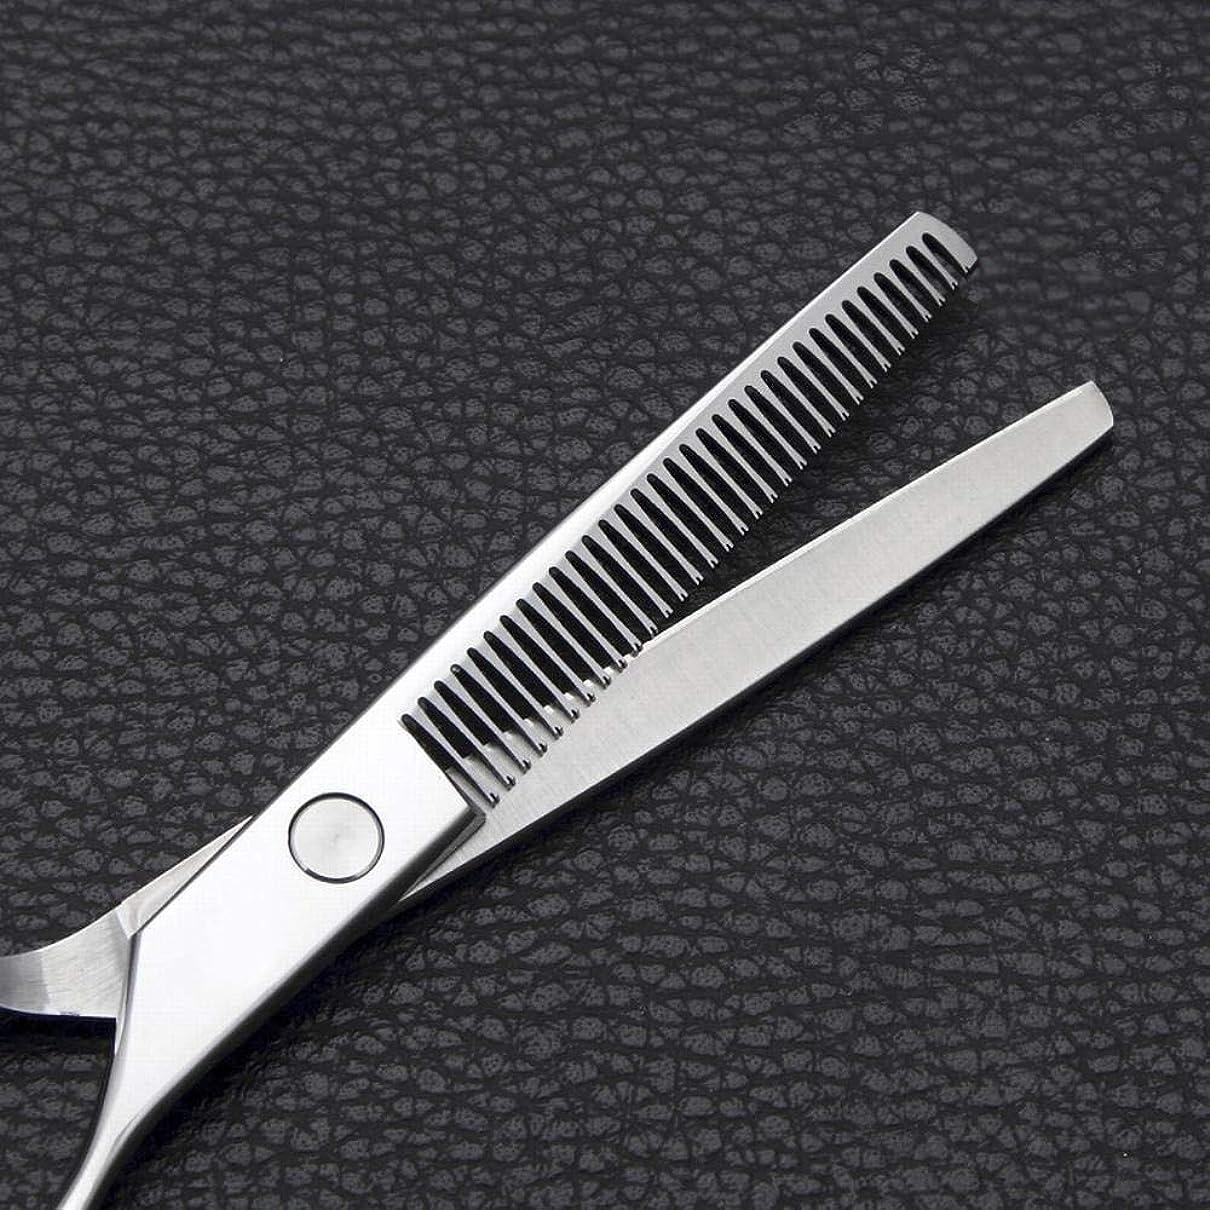 インデックス接続グレートオーク理髪用はさみ 6インチの理髪はさみ、ステンレス鋼の歯はさみ毛の切断はさみステンレス理髪はさみ (色 : Silver)